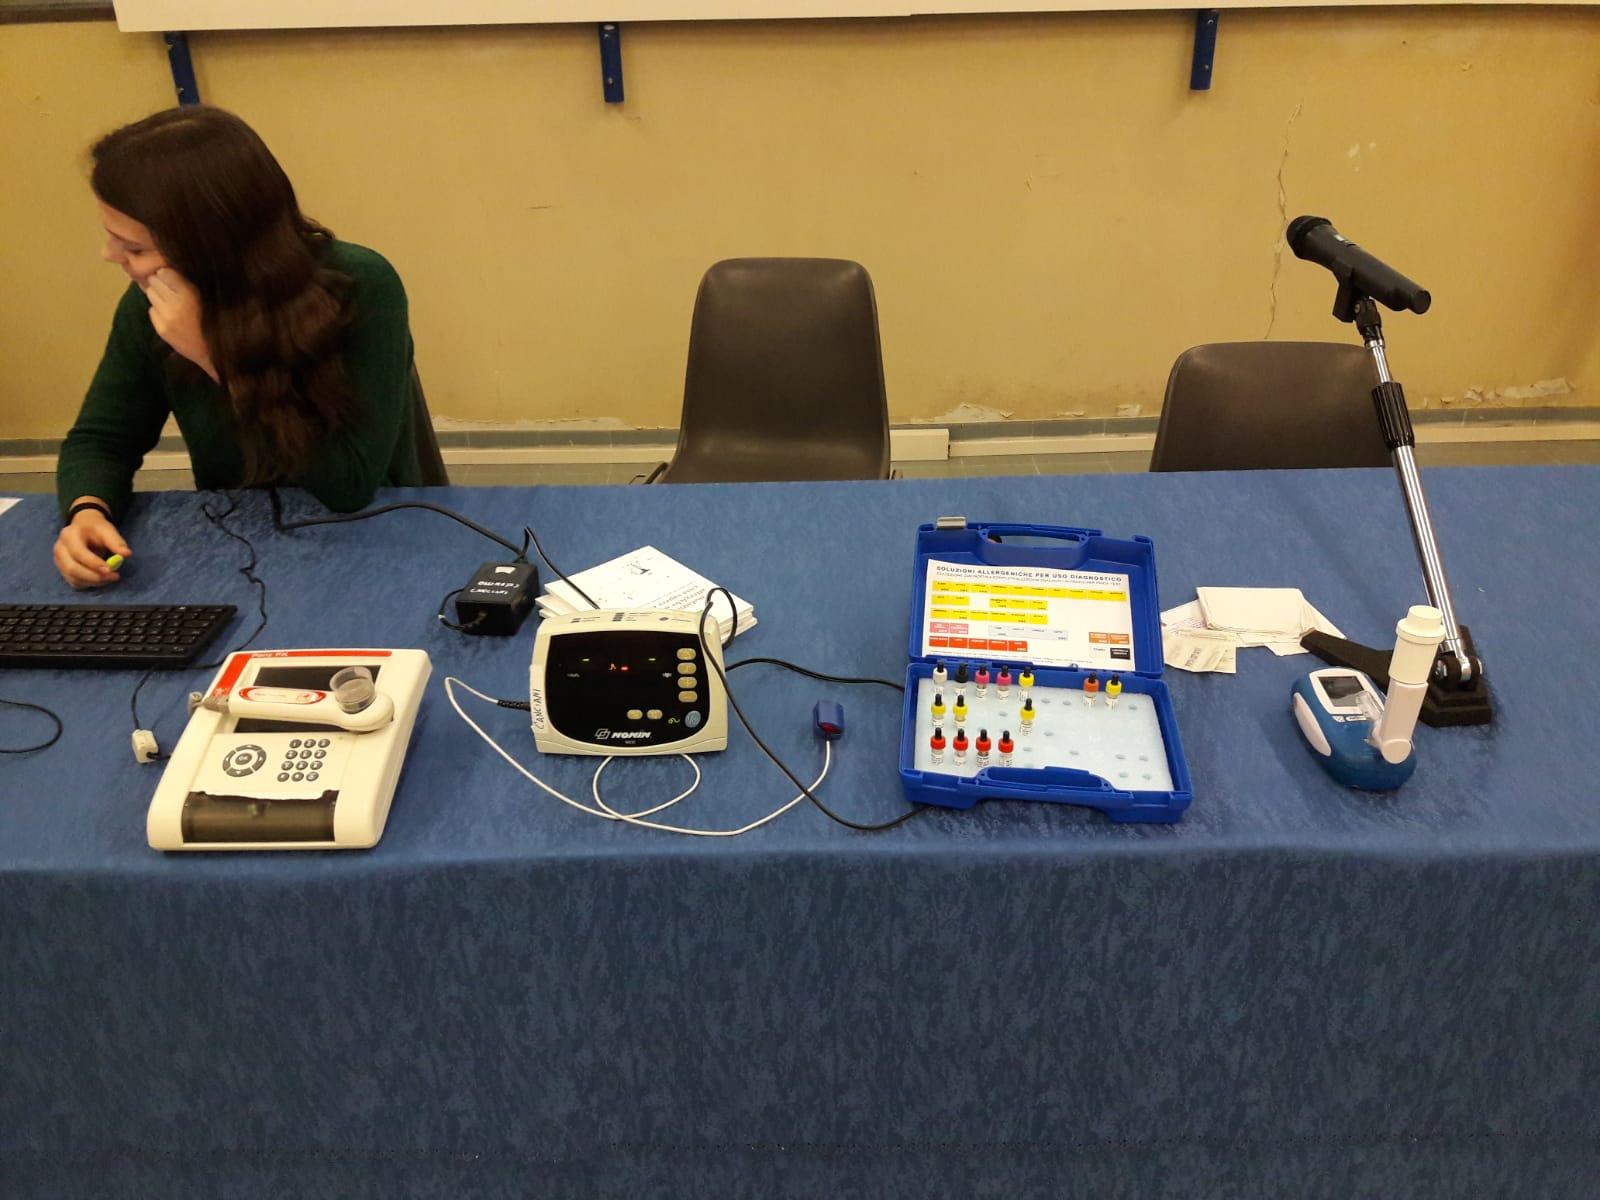 Gli strumenti utilizzati per i vari test